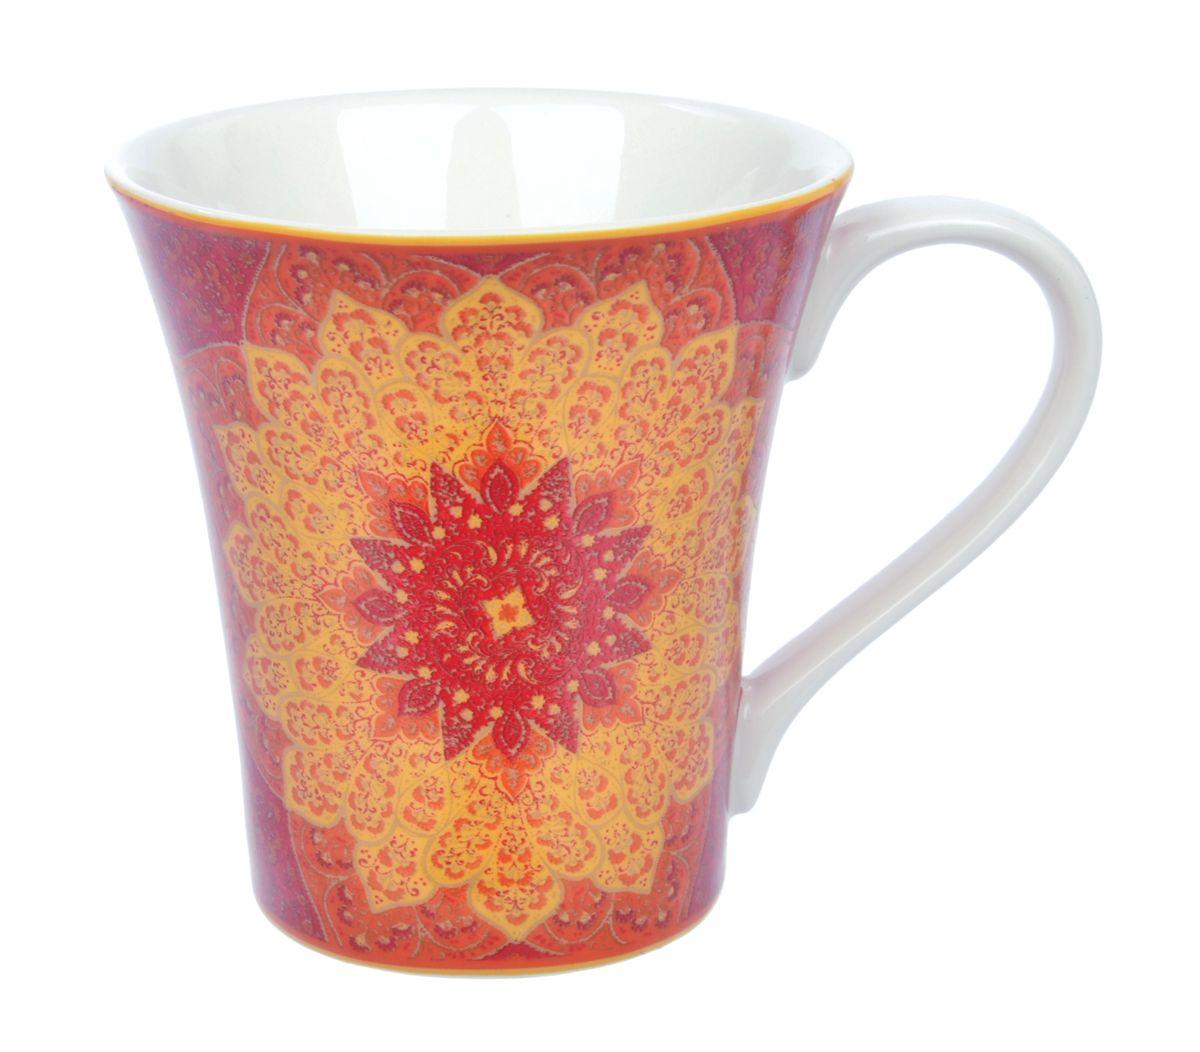 Кружка Kashan Red, 330 млUTKR18701Кружка Kashan Red изготовлена из высококачественной керамики. Внешние стенки изделия оформлены красочным цветочным рисунком. Такая кружка прекрасно подойдет для горячих и холодных напитков. Она дополнит коллекцию вашей кухонной посуды и будет служить долгие годы. Можно использовать в посудомоечной машине и СВЧ. Объем кружки: 330 мл. Диаметр кружки (по верхнему краю): 10 см. Высота стенки кружки: 10,5 см.